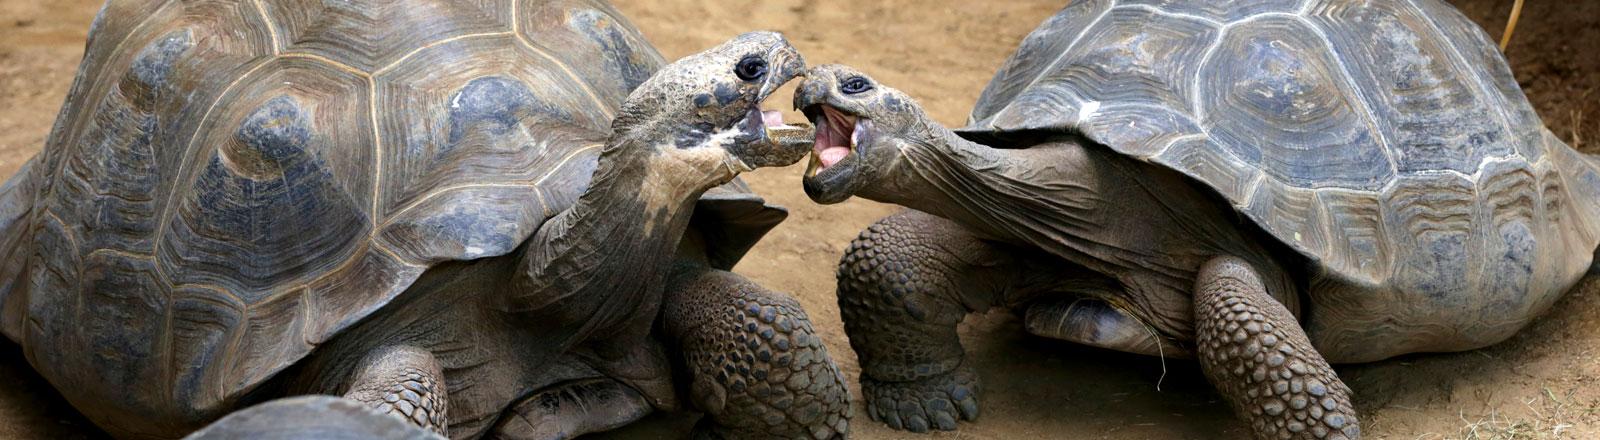 Riesenschildkröten von den Galapagosinseln küssen sich.